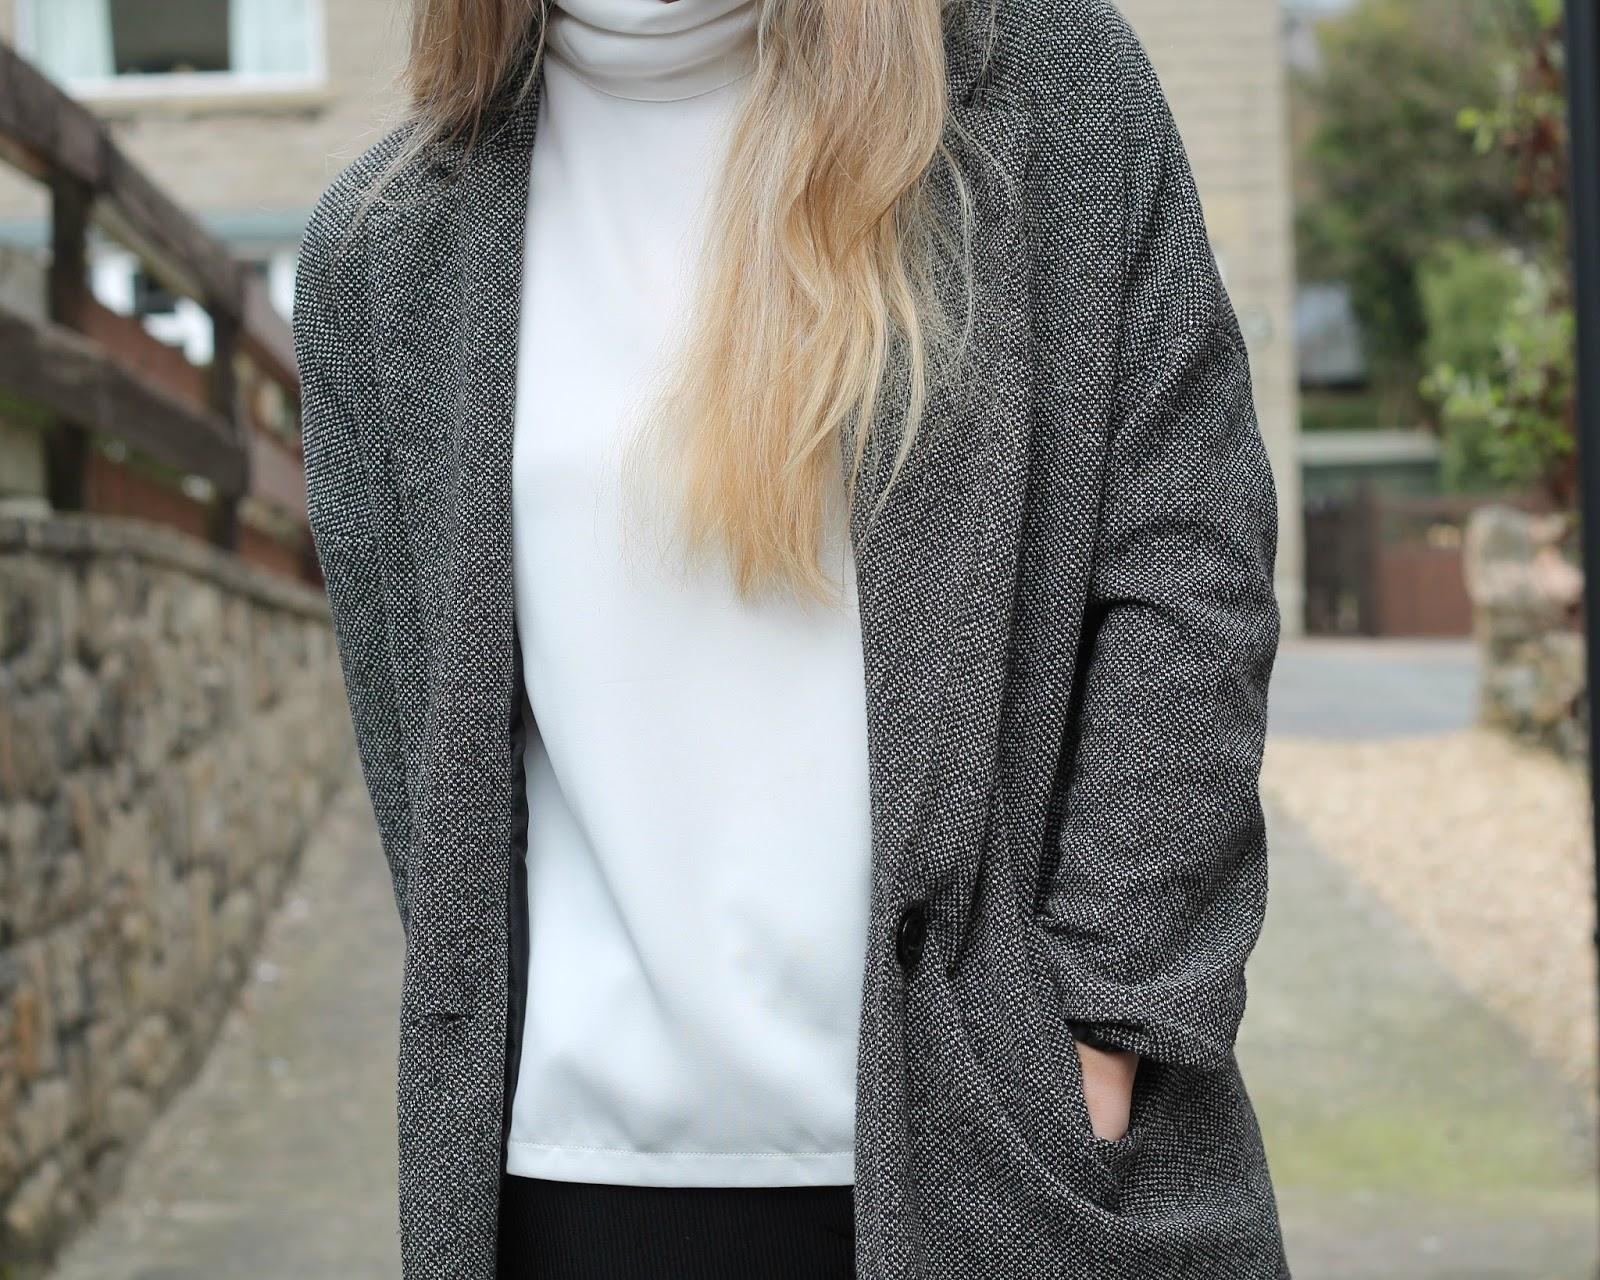 grey boyfriend coat a fedora fashion influx #1: img 7812